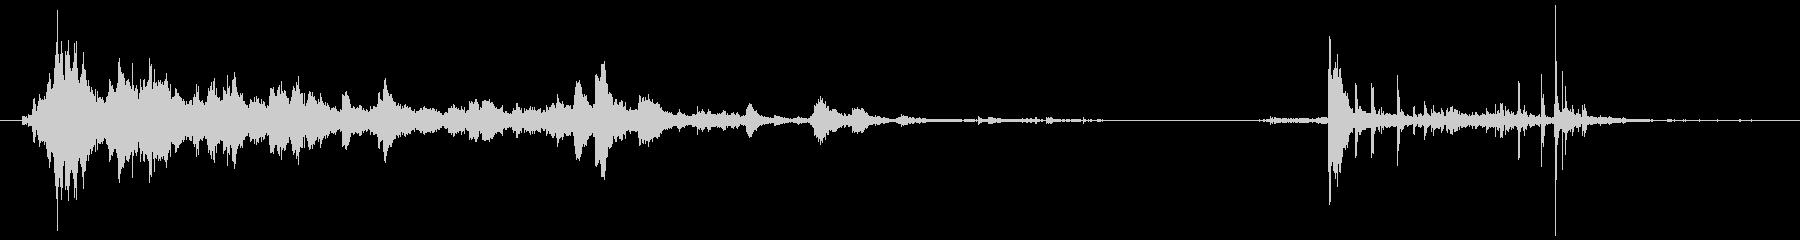 メタルポールロールドロップの未再生の波形